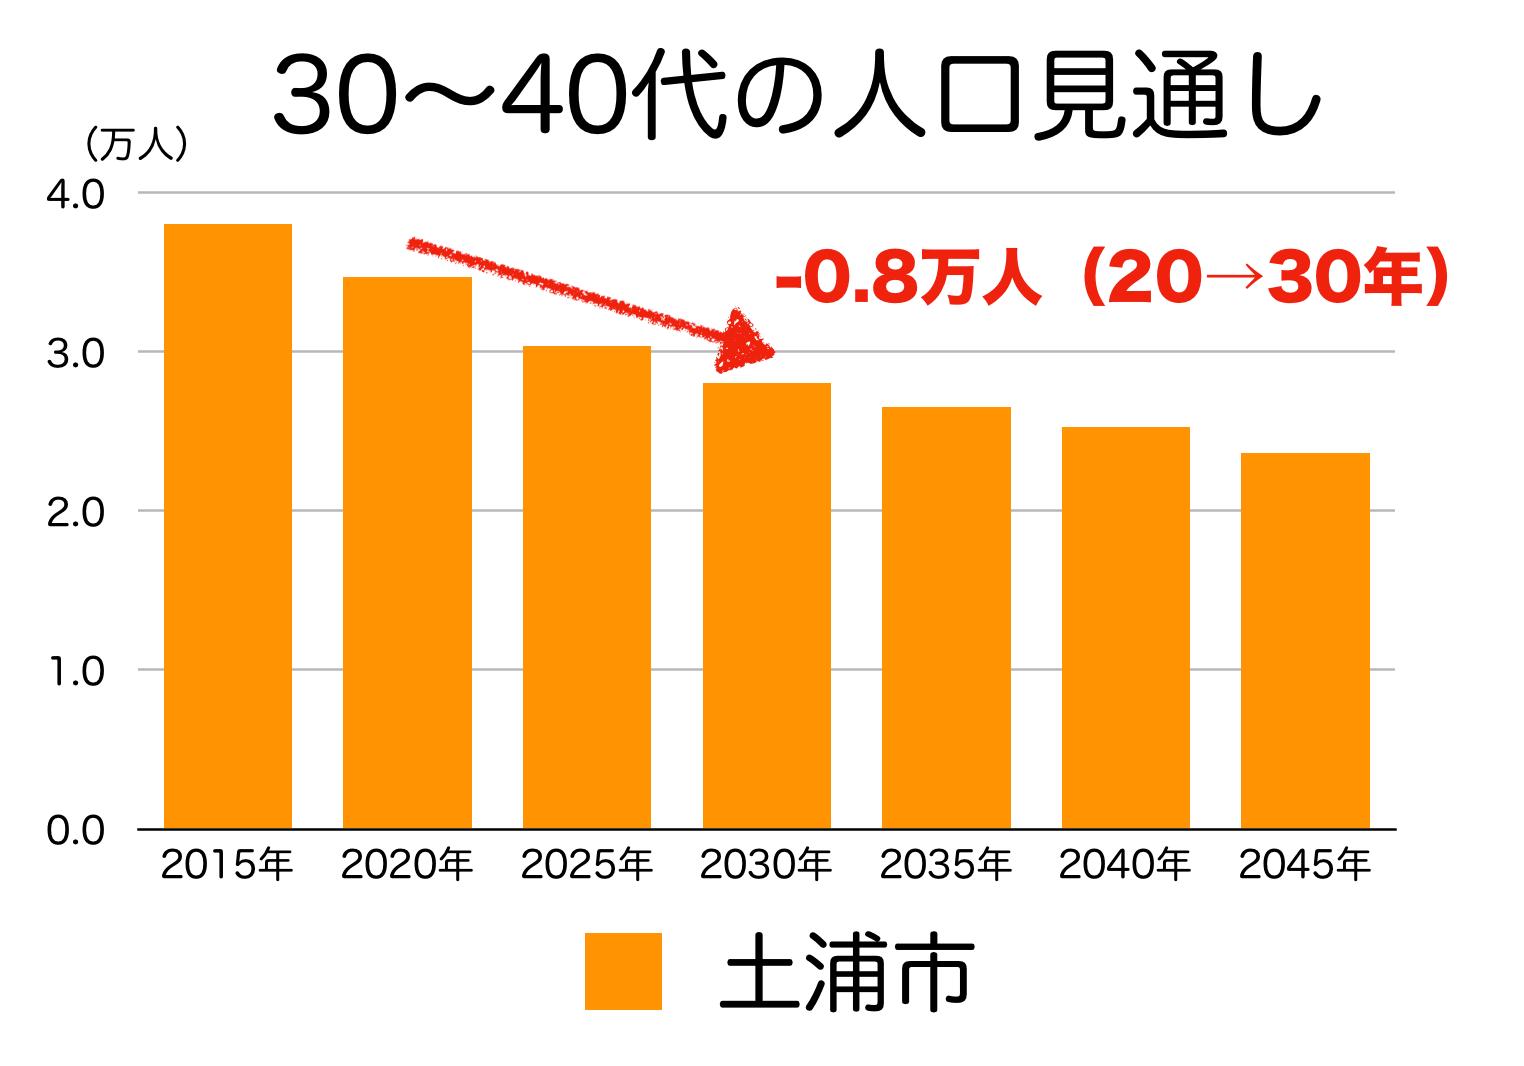 土浦市の30〜40代人口の予測